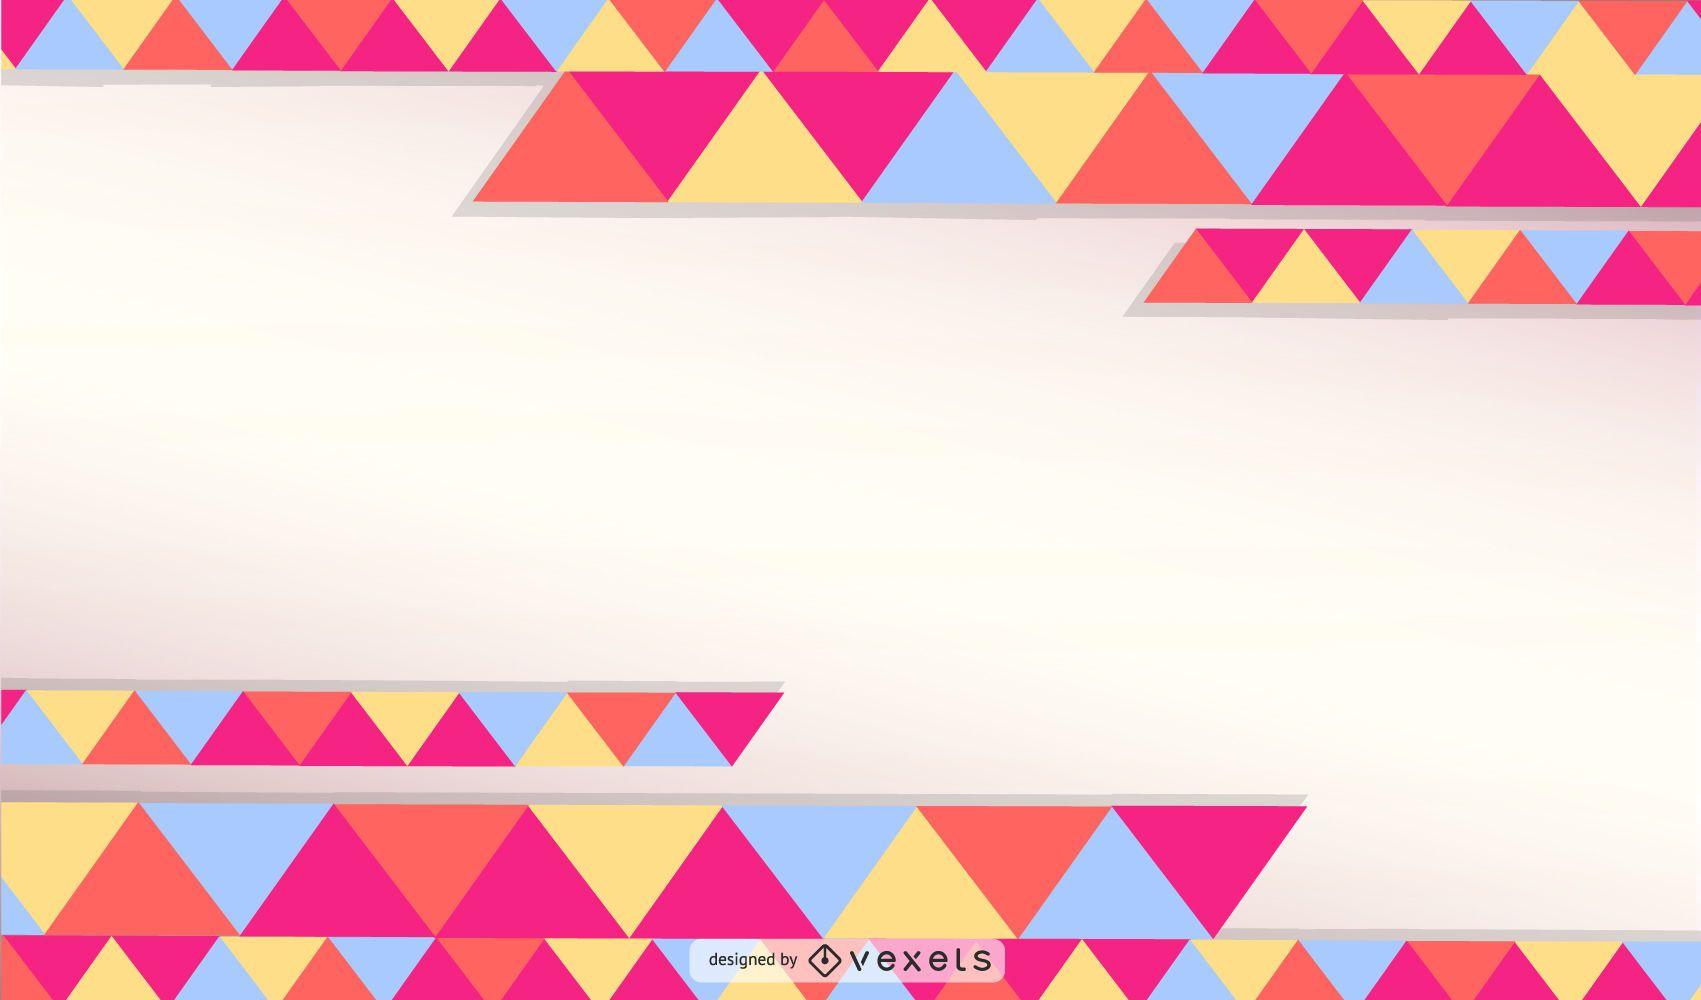 Abstraktes Dreieck-Design-Hintergrund